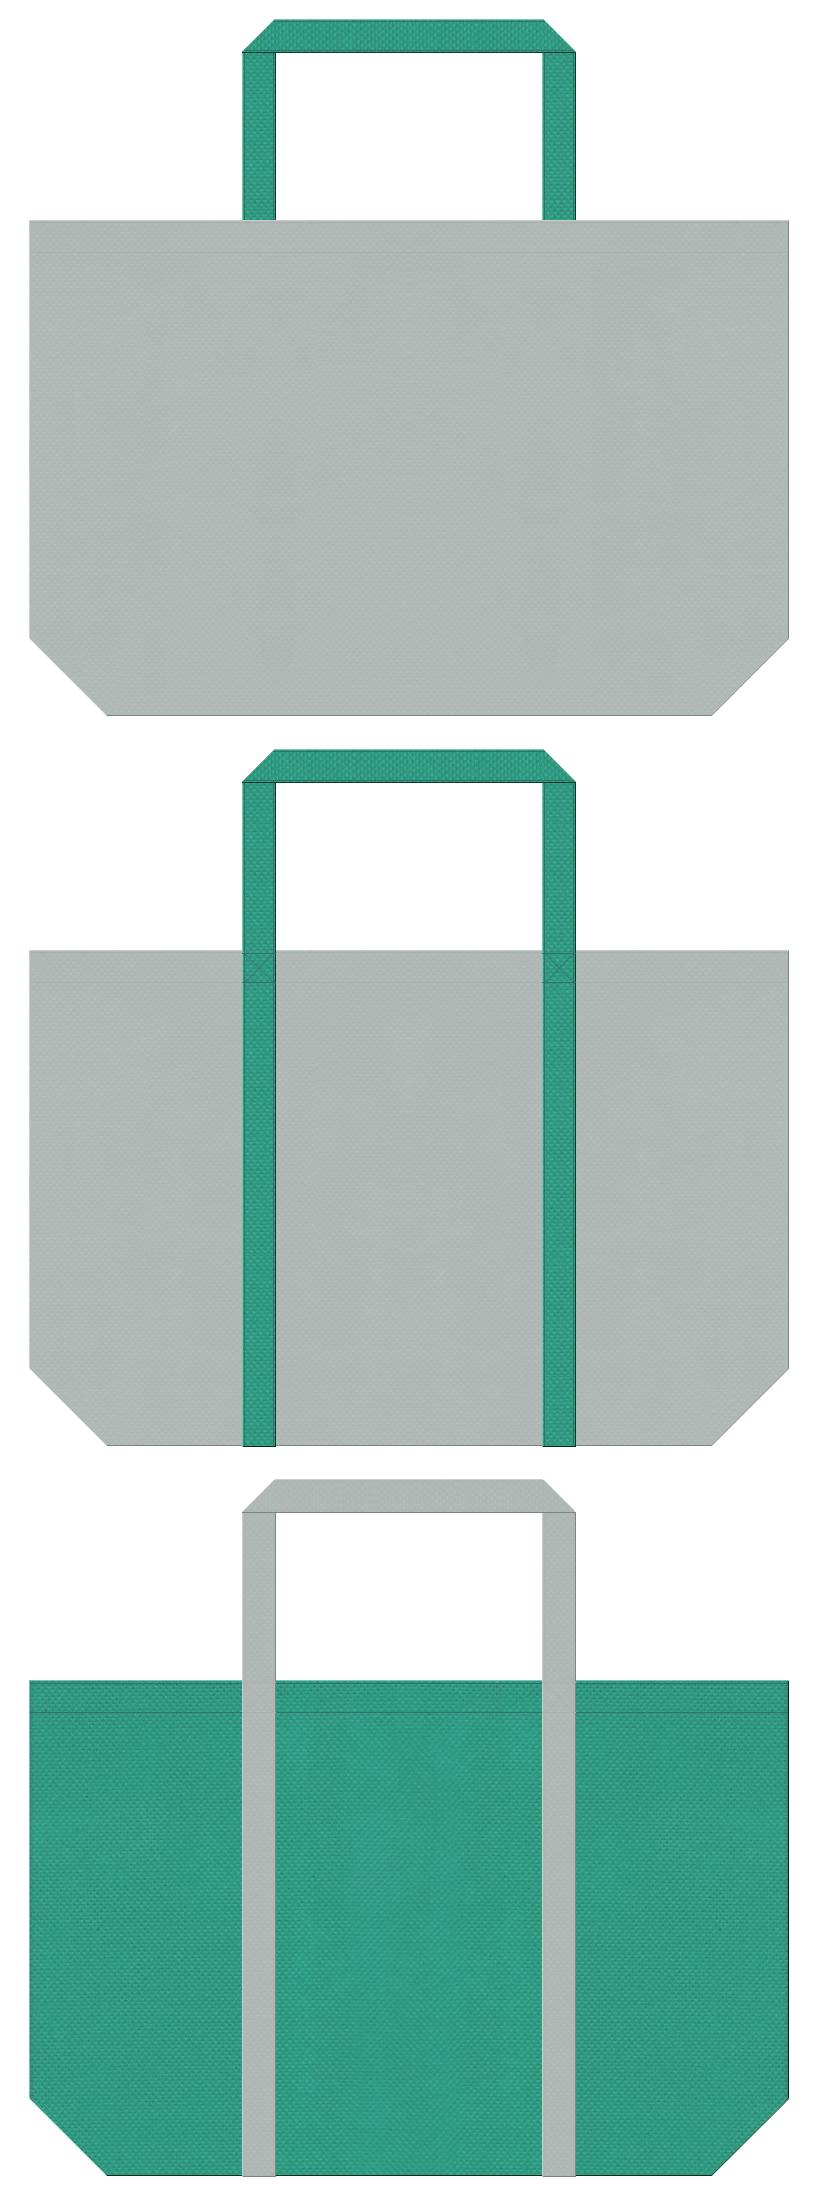 グレー色と青緑色の不織布エコバッグのデザイン。屋上緑化・壁面緑化の展示会用バッグにお奨めです。